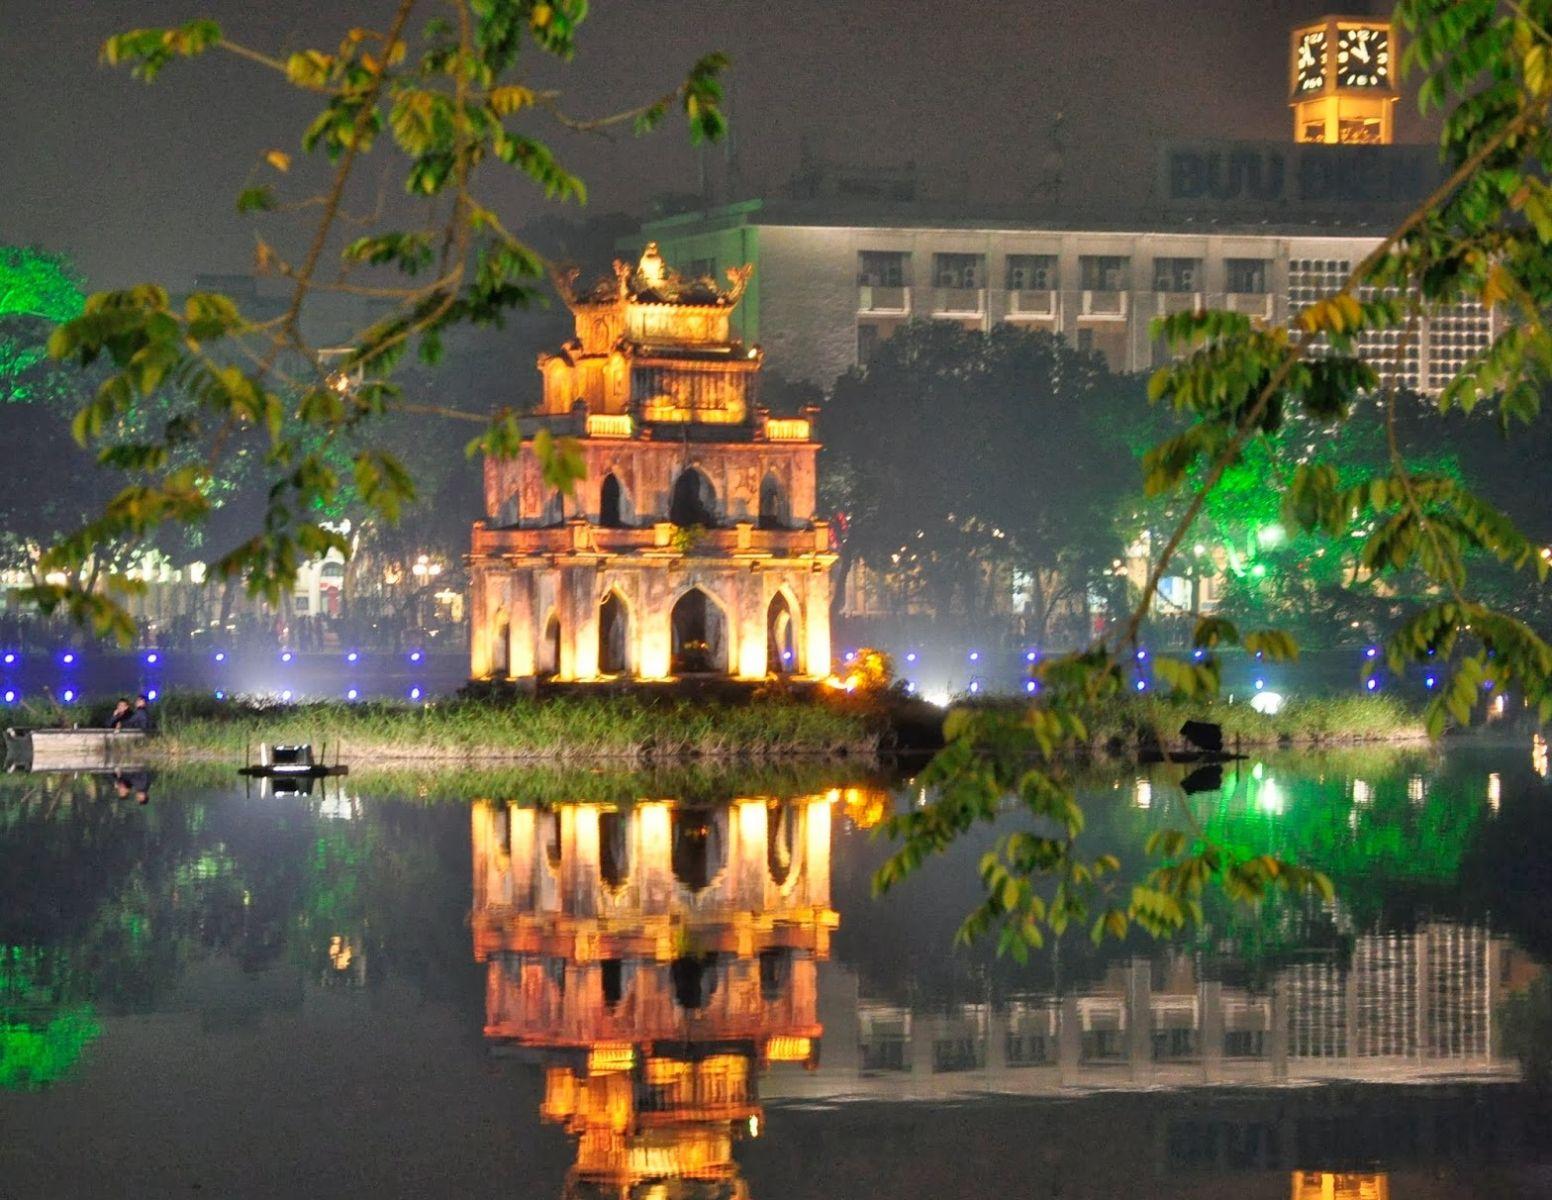 Dịch vụ chuyển phát nhanh từ quận Thanh Xuân giá rẻ, an toàn, nhanh chóng